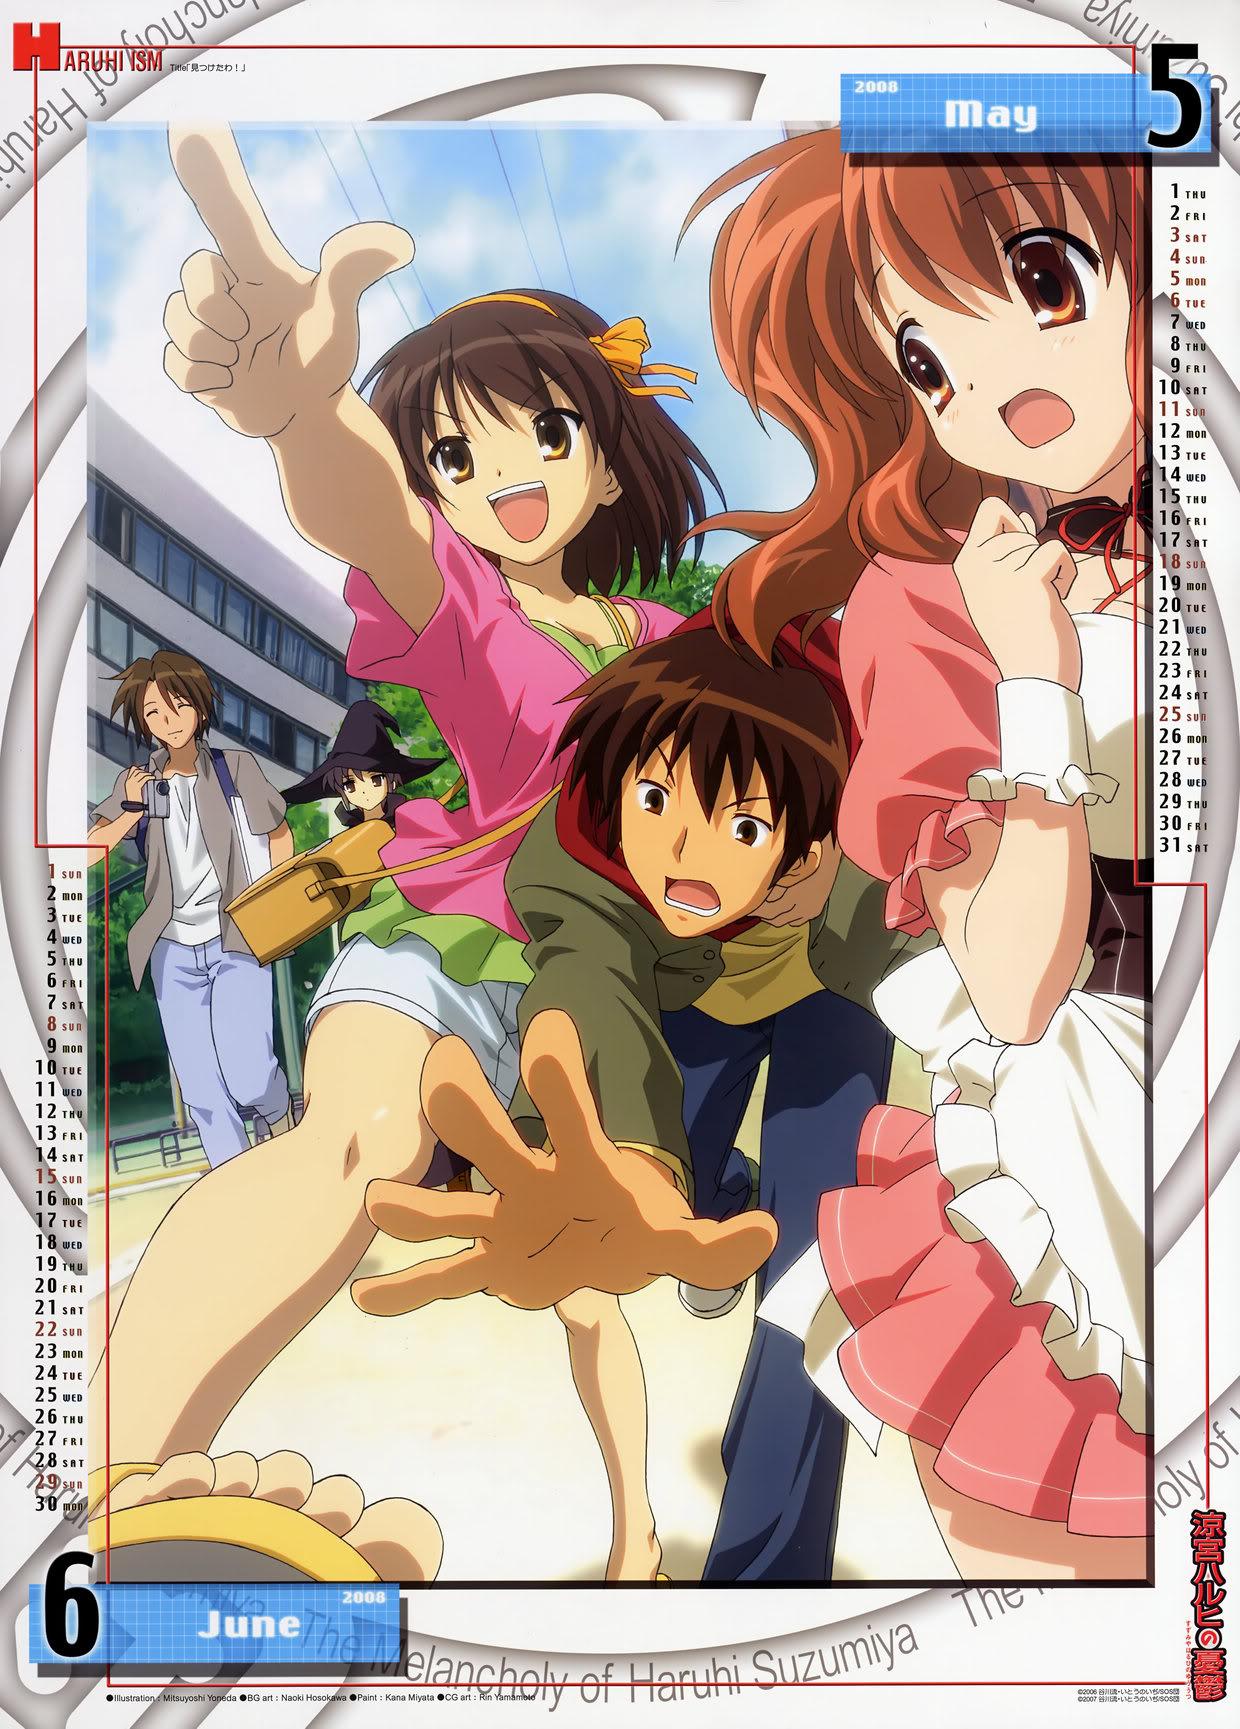 [MG] Suzumiya Haruhi no Yuuutsu Calendario 2008 SHnY2008_MayoJunio